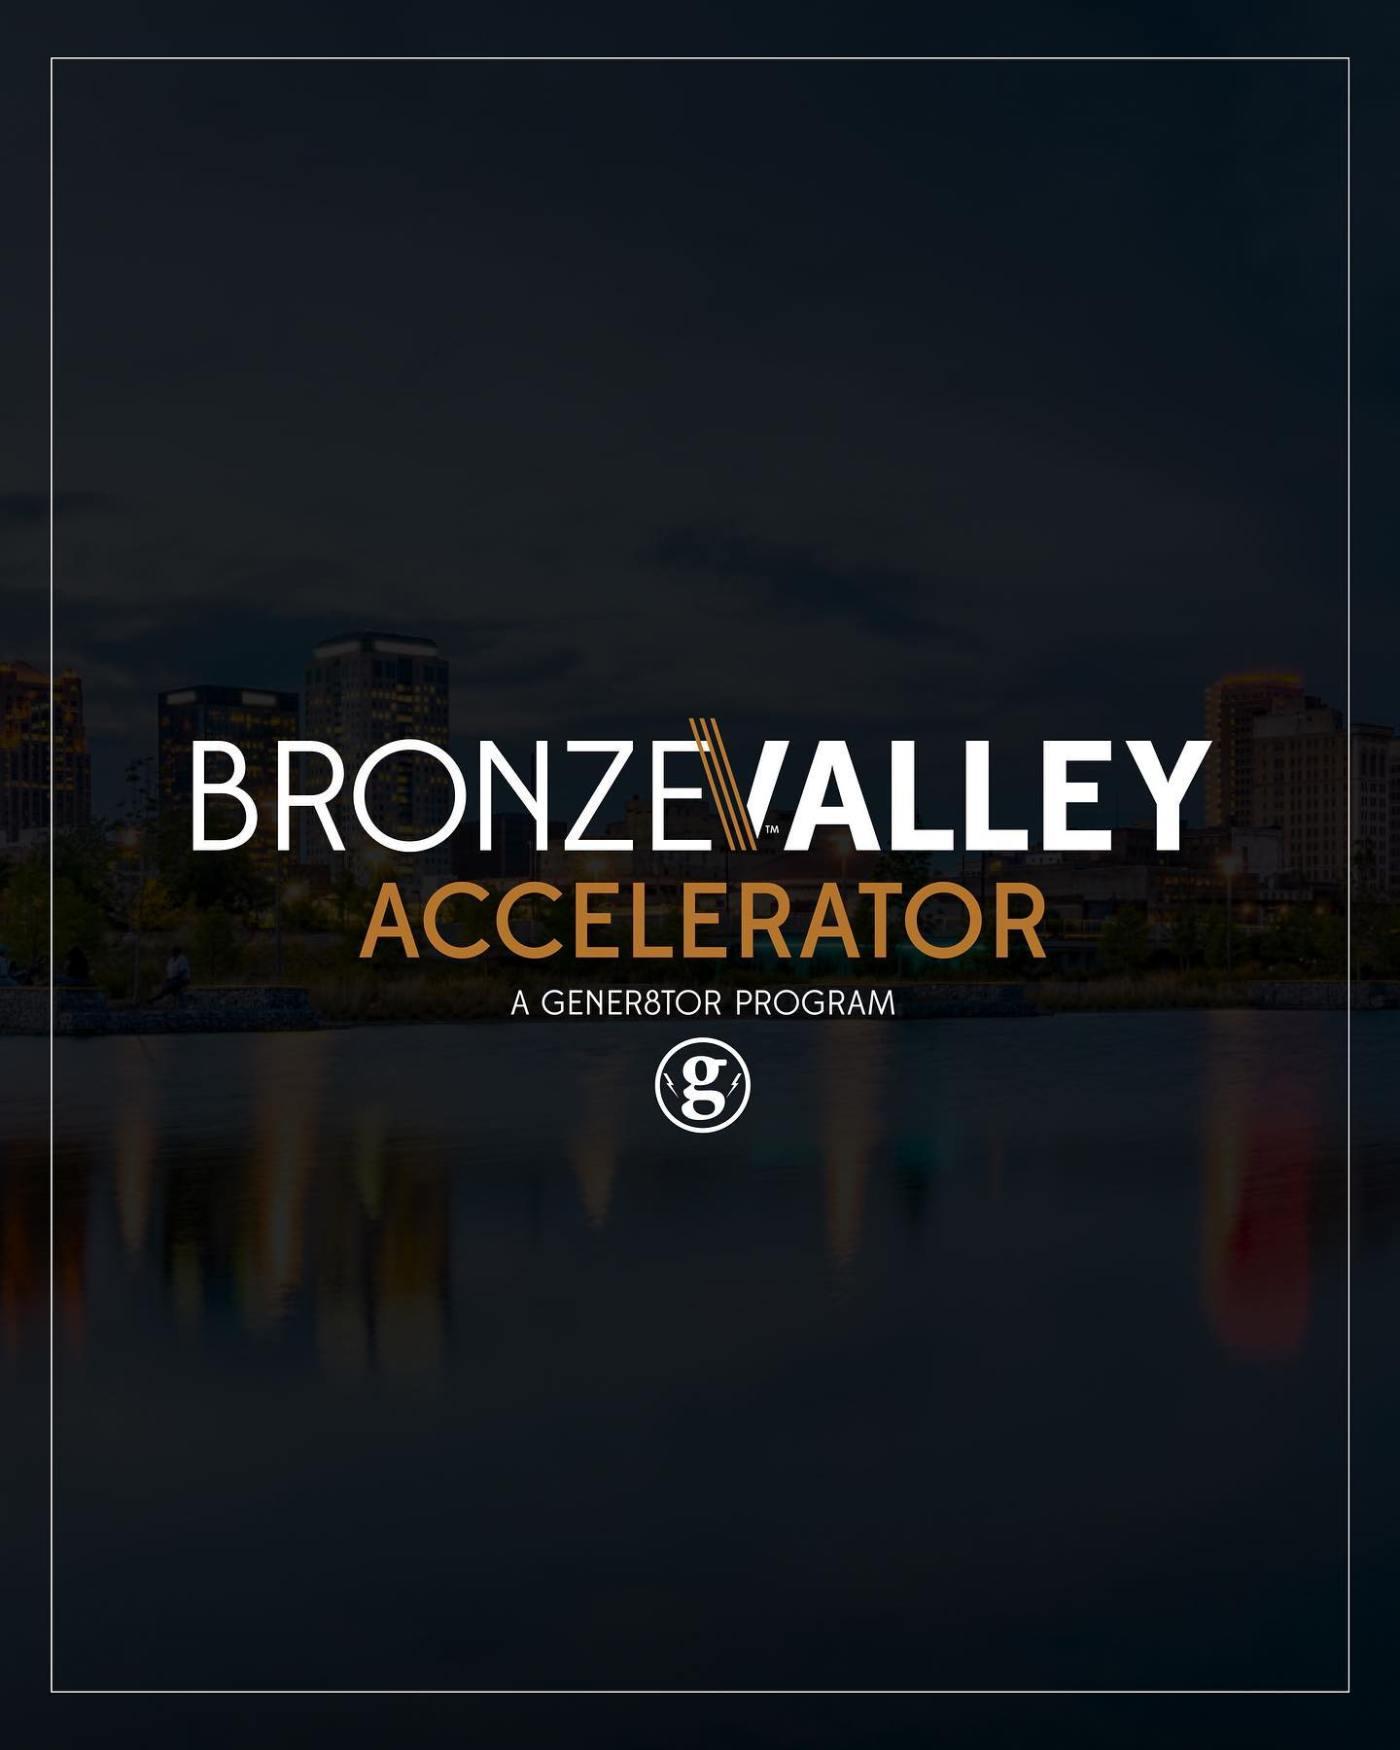 Bronze Valley Accelerator is a gener8tor program